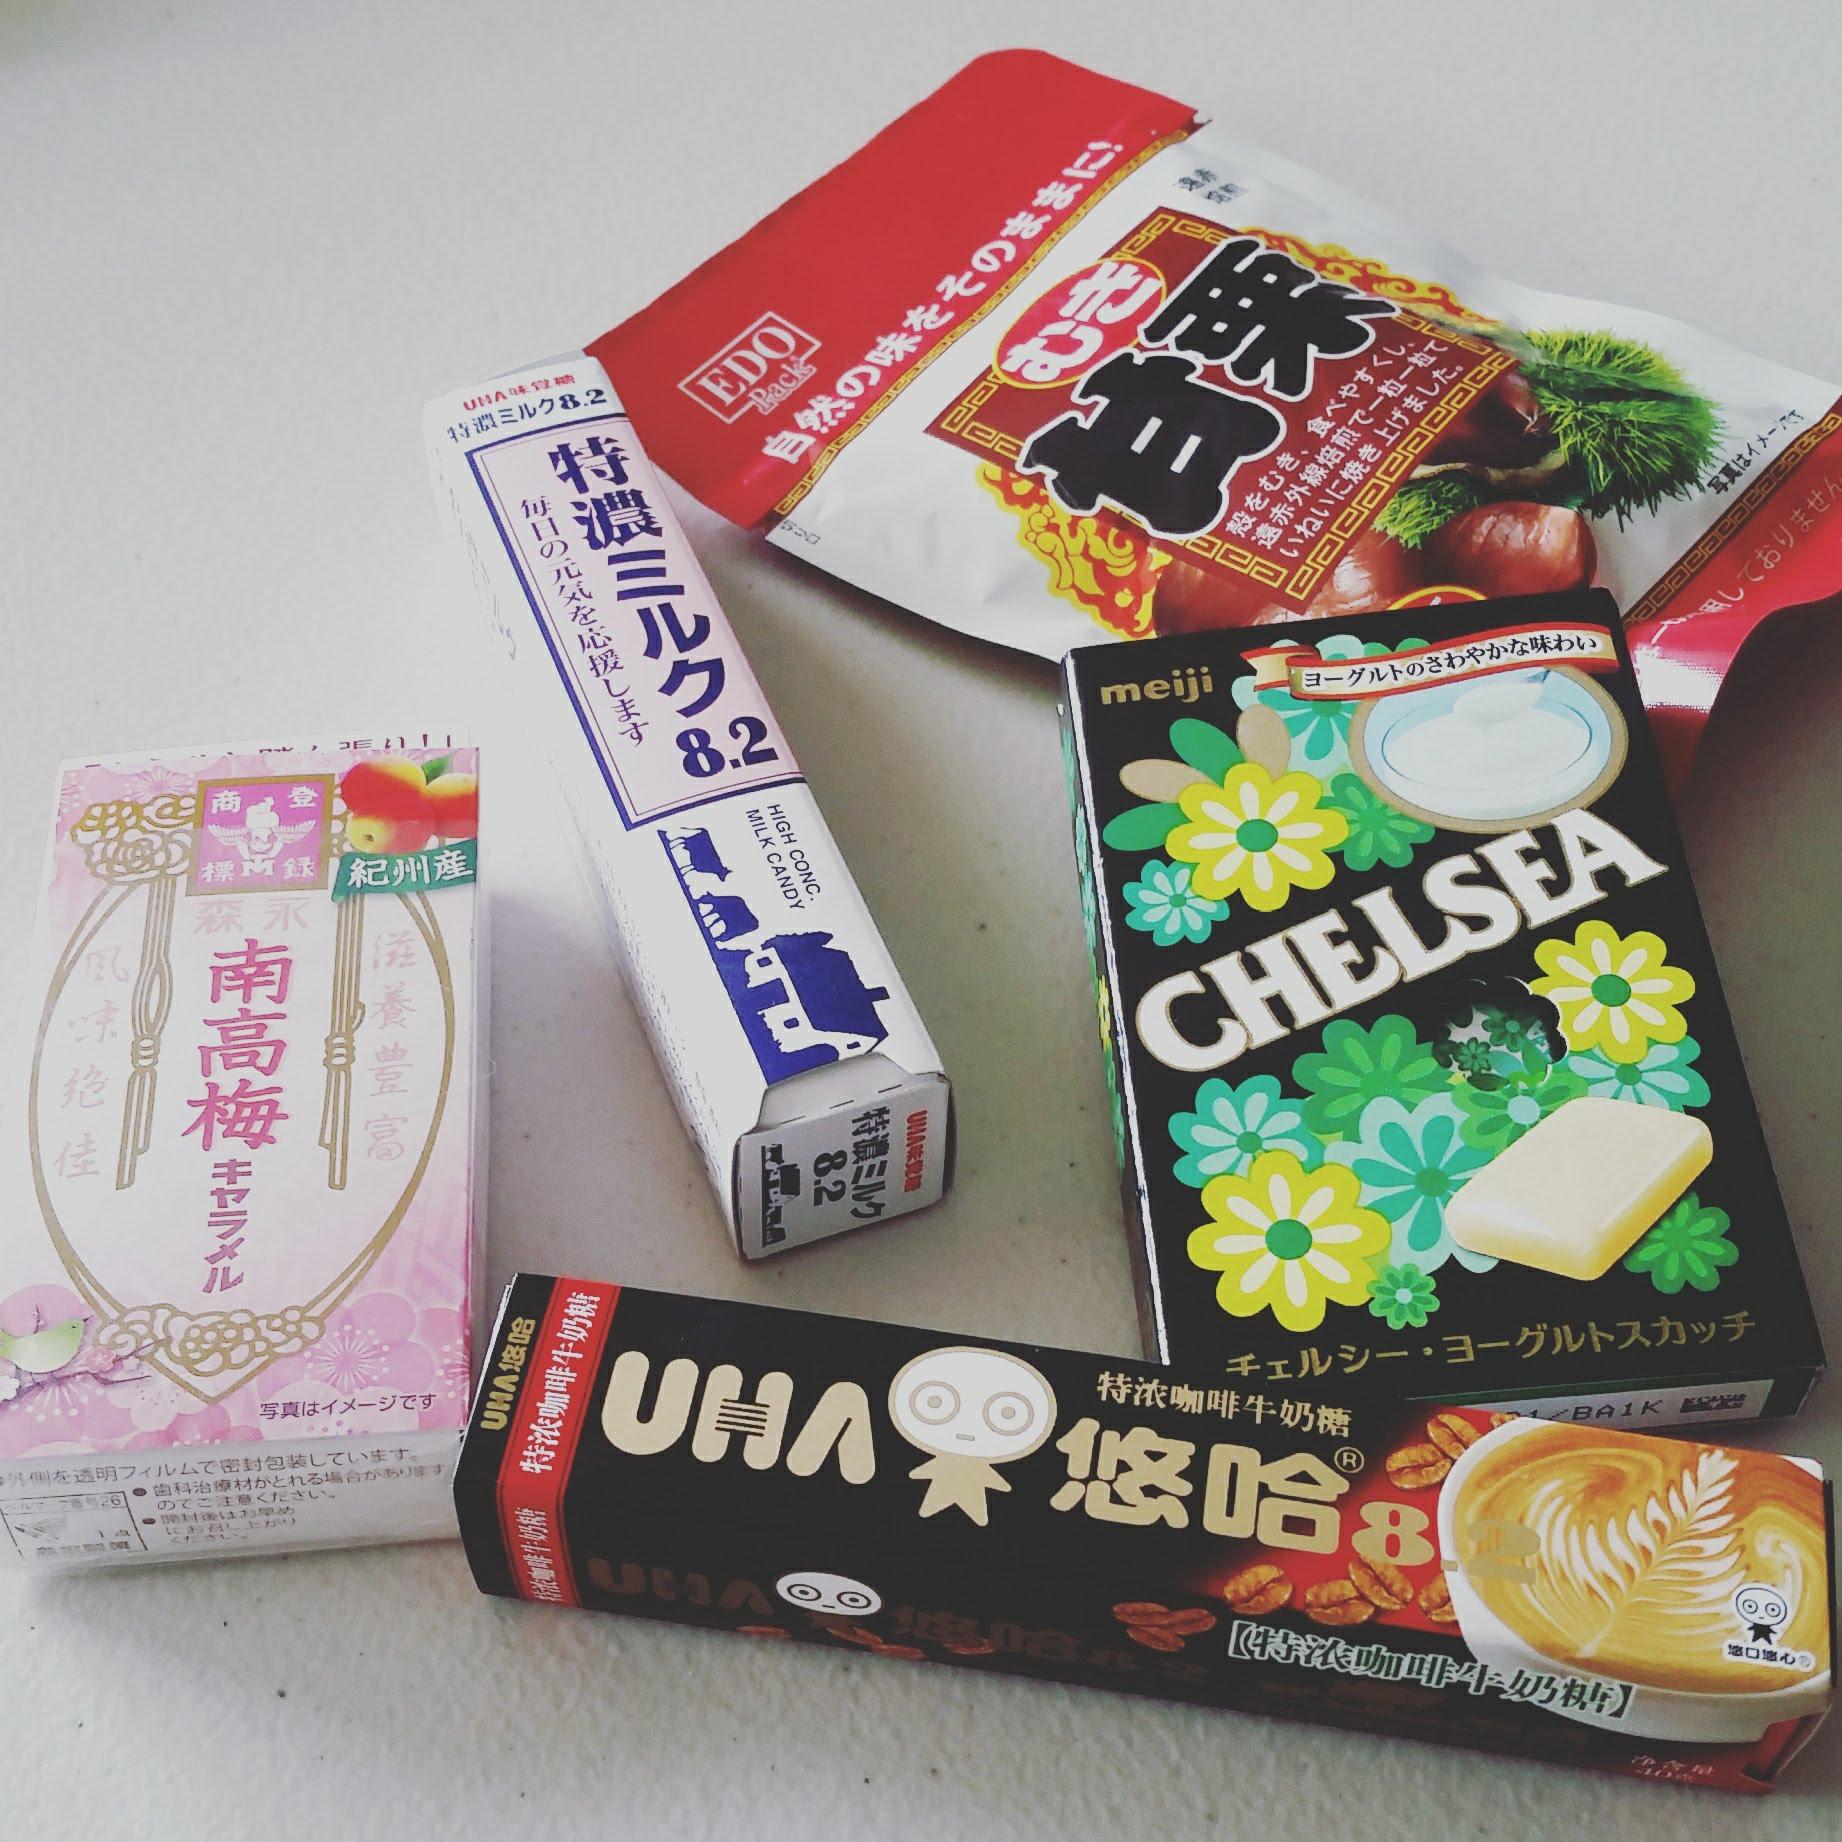 大好きな日本のお菓子をカバンに詰めて